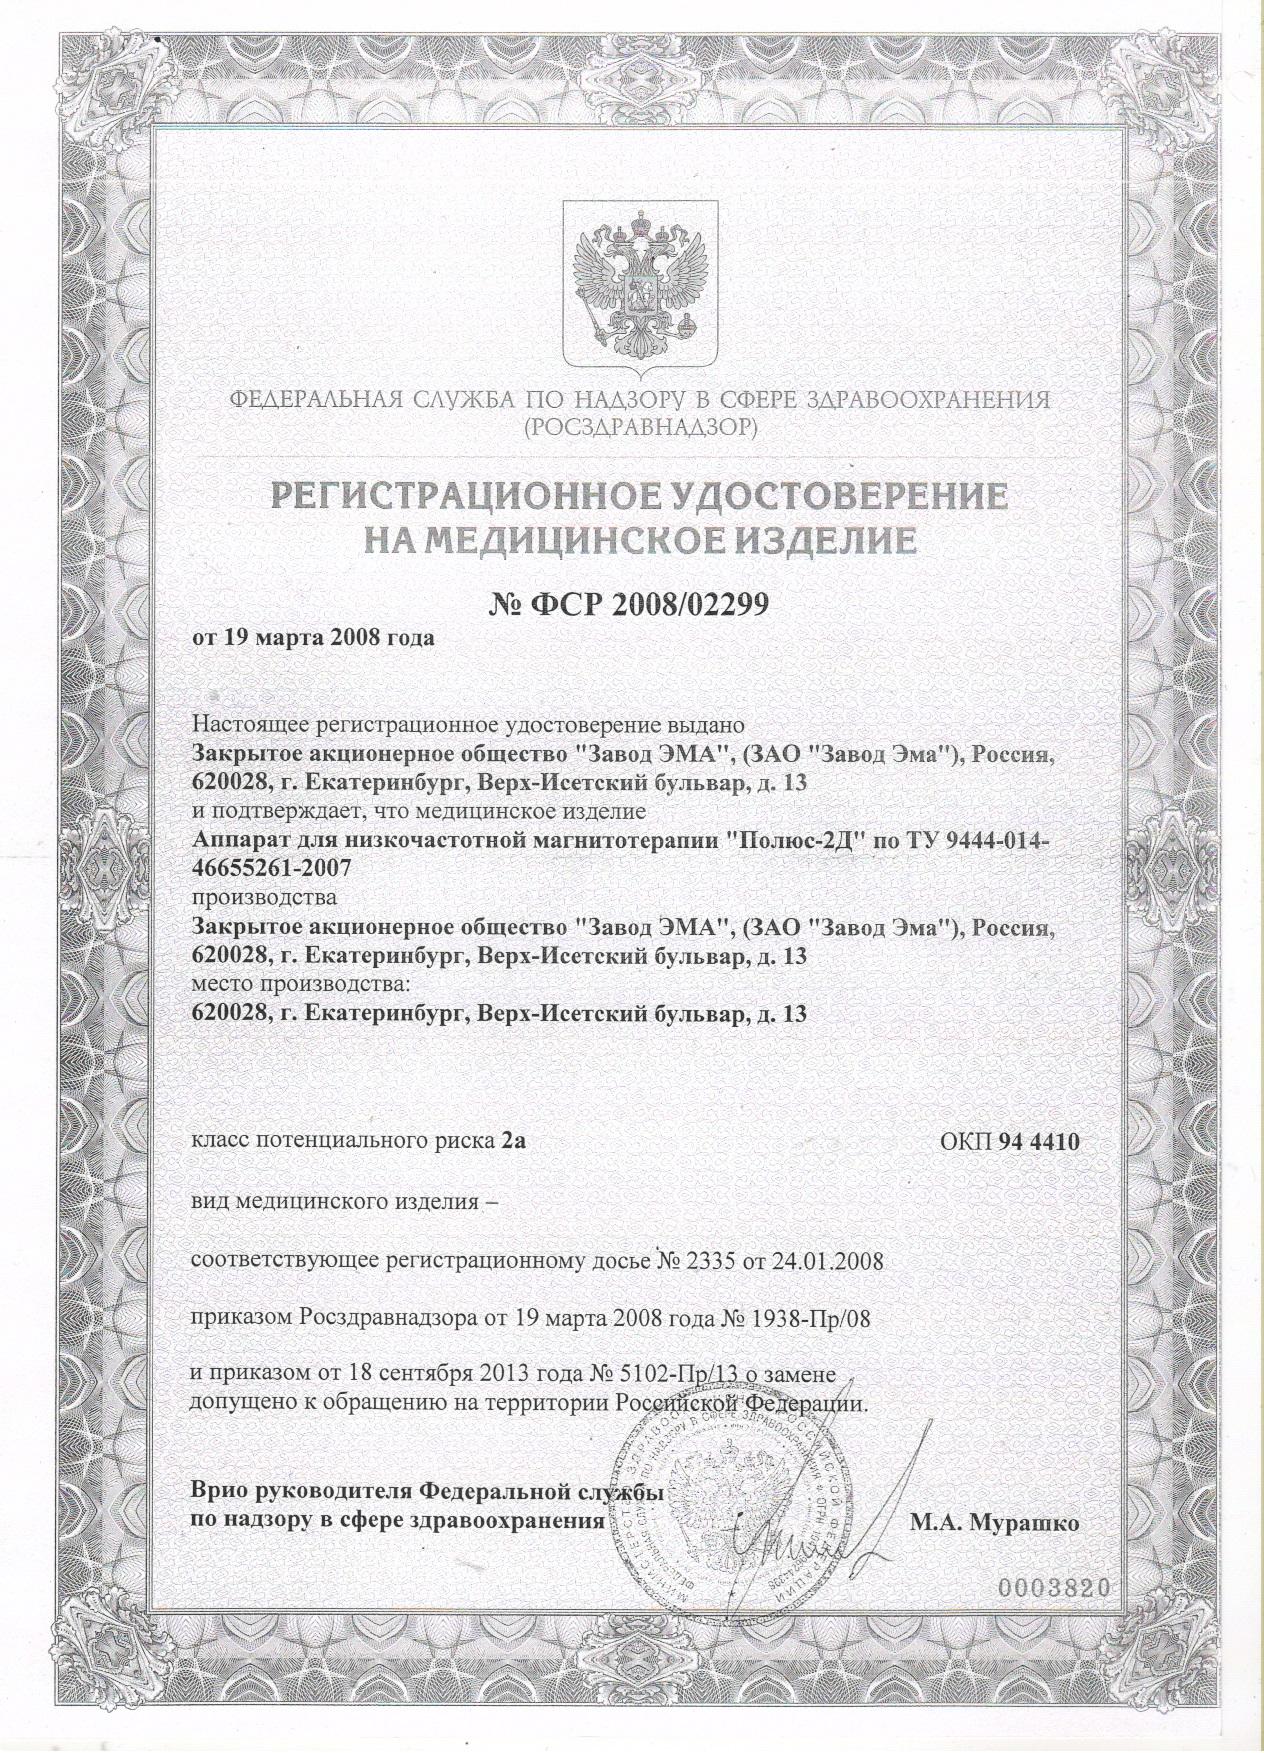 Регистрационное удостоверение на аппарат Полюс-2Д